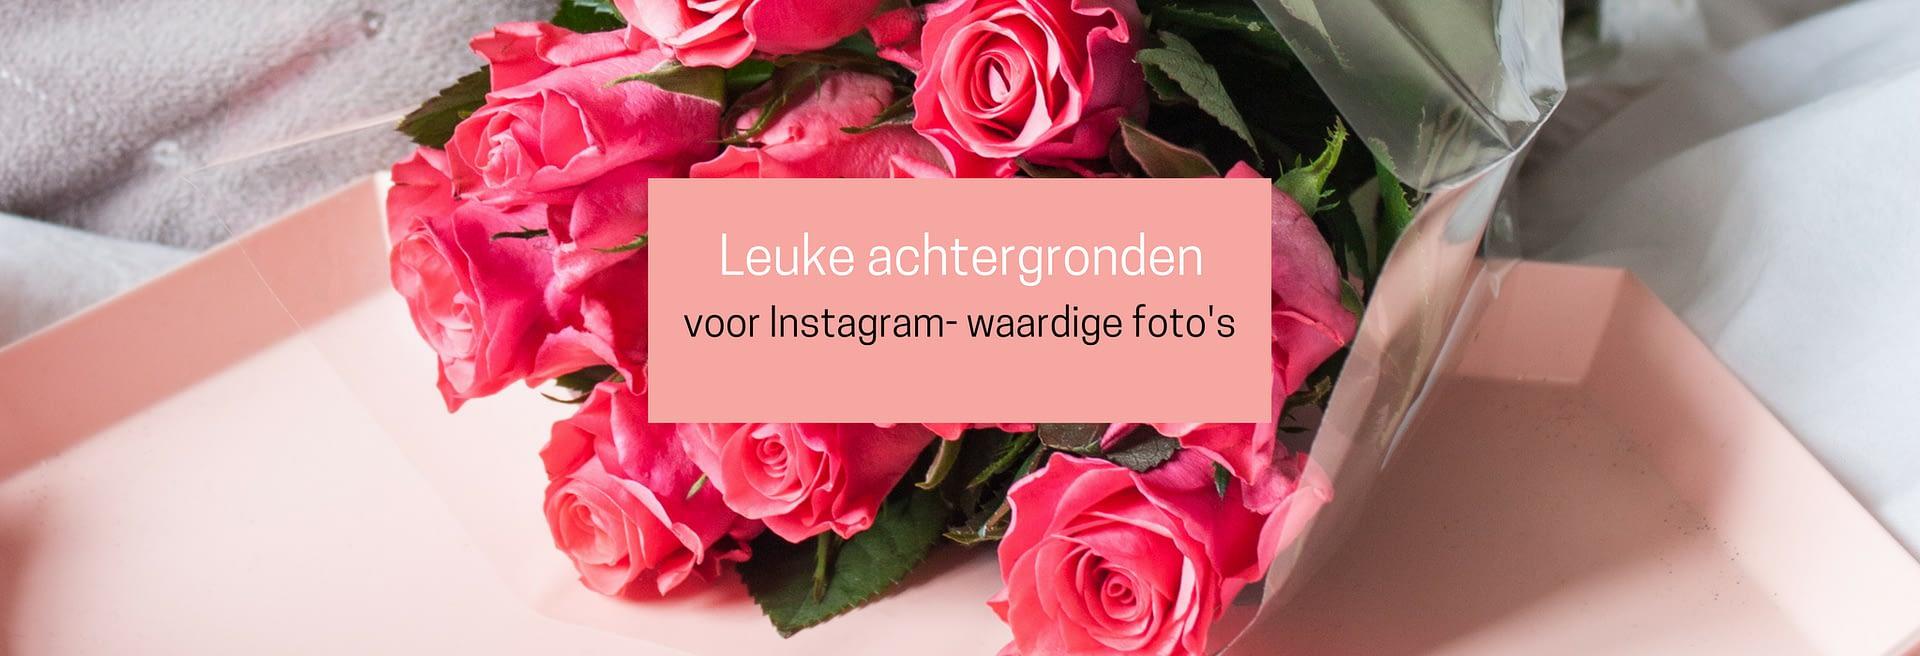 leuke achtergronden voor Instagram-waardige foto's